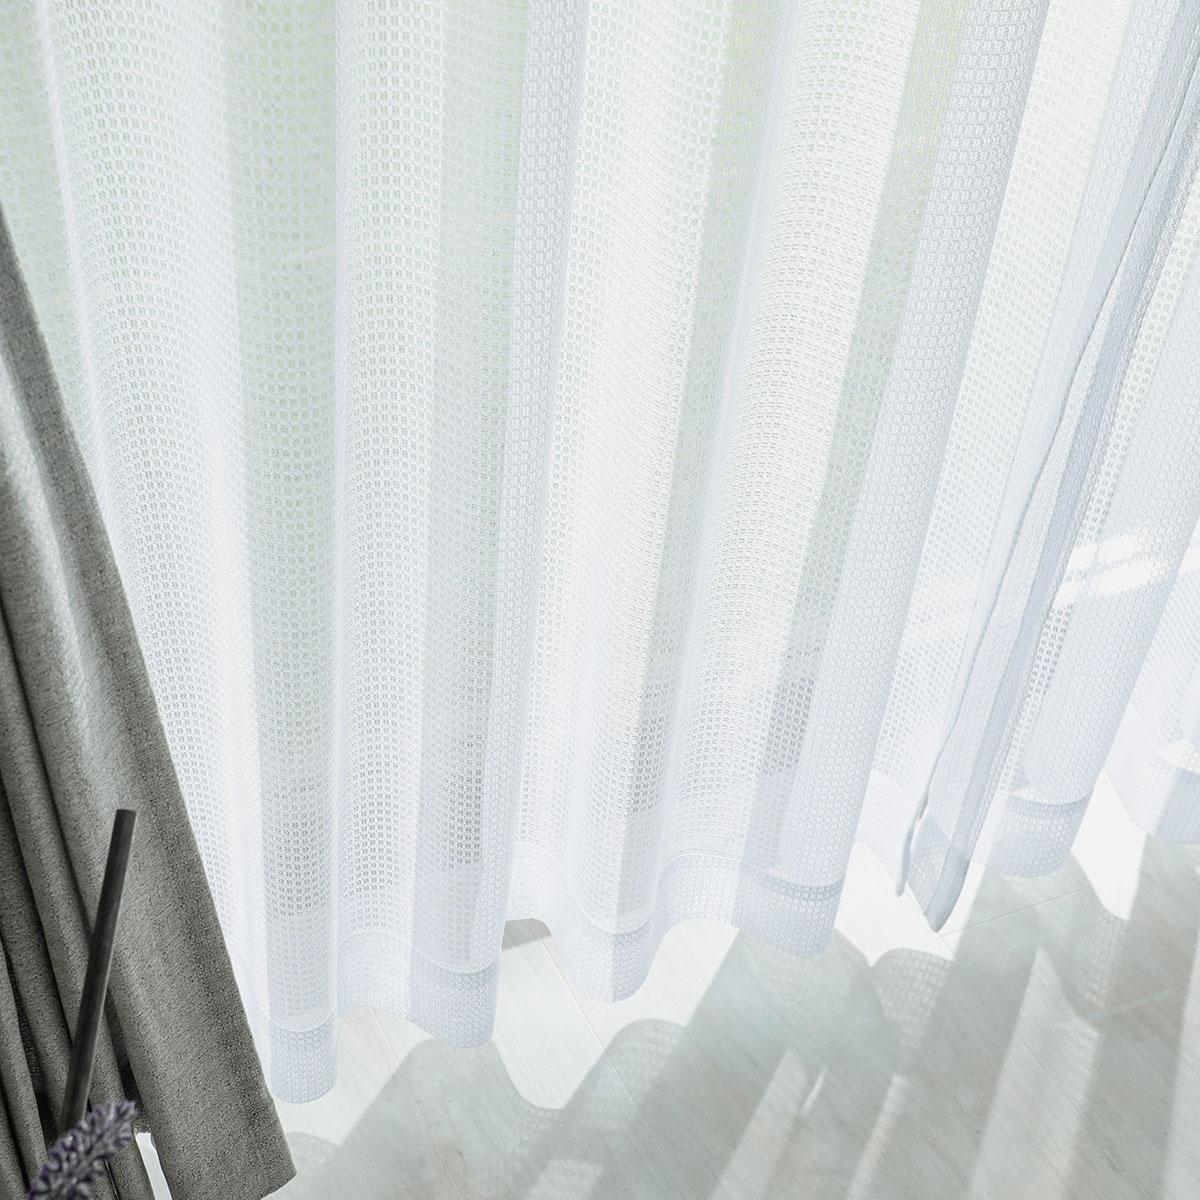 ドレープカーテン『プレオ』トップ画像